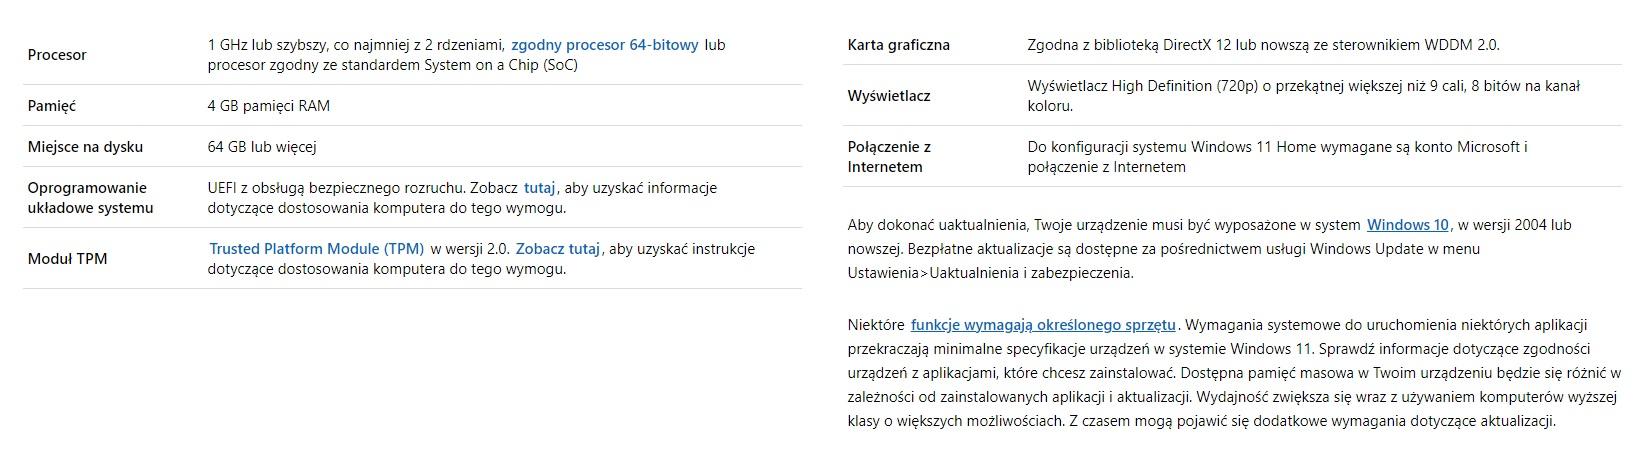 minimalne wymagania Windows 11 na dzień 5 października 2021 roku